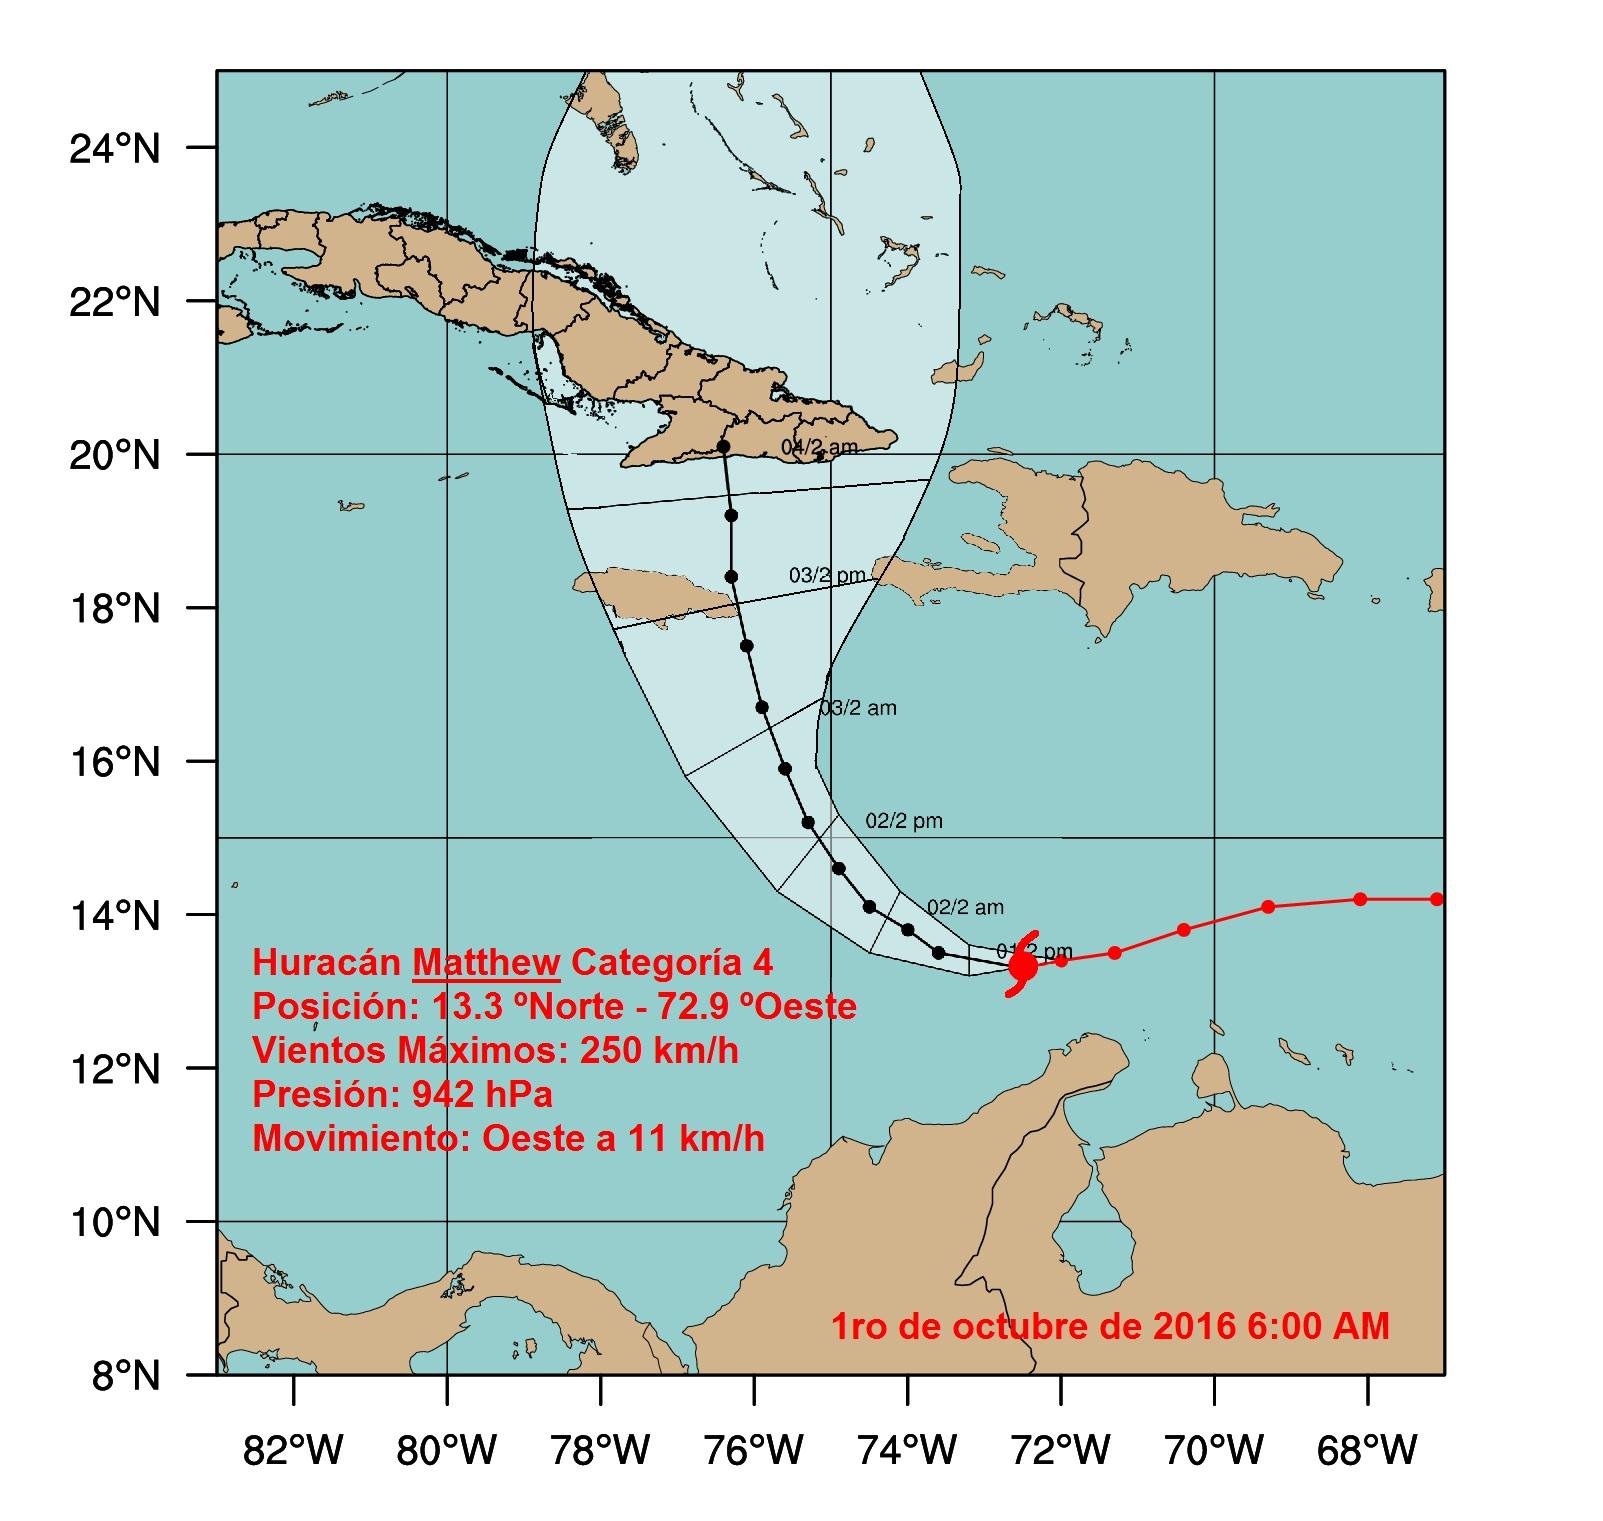 Matthew amenaza potencial para la región oriental de Cuba